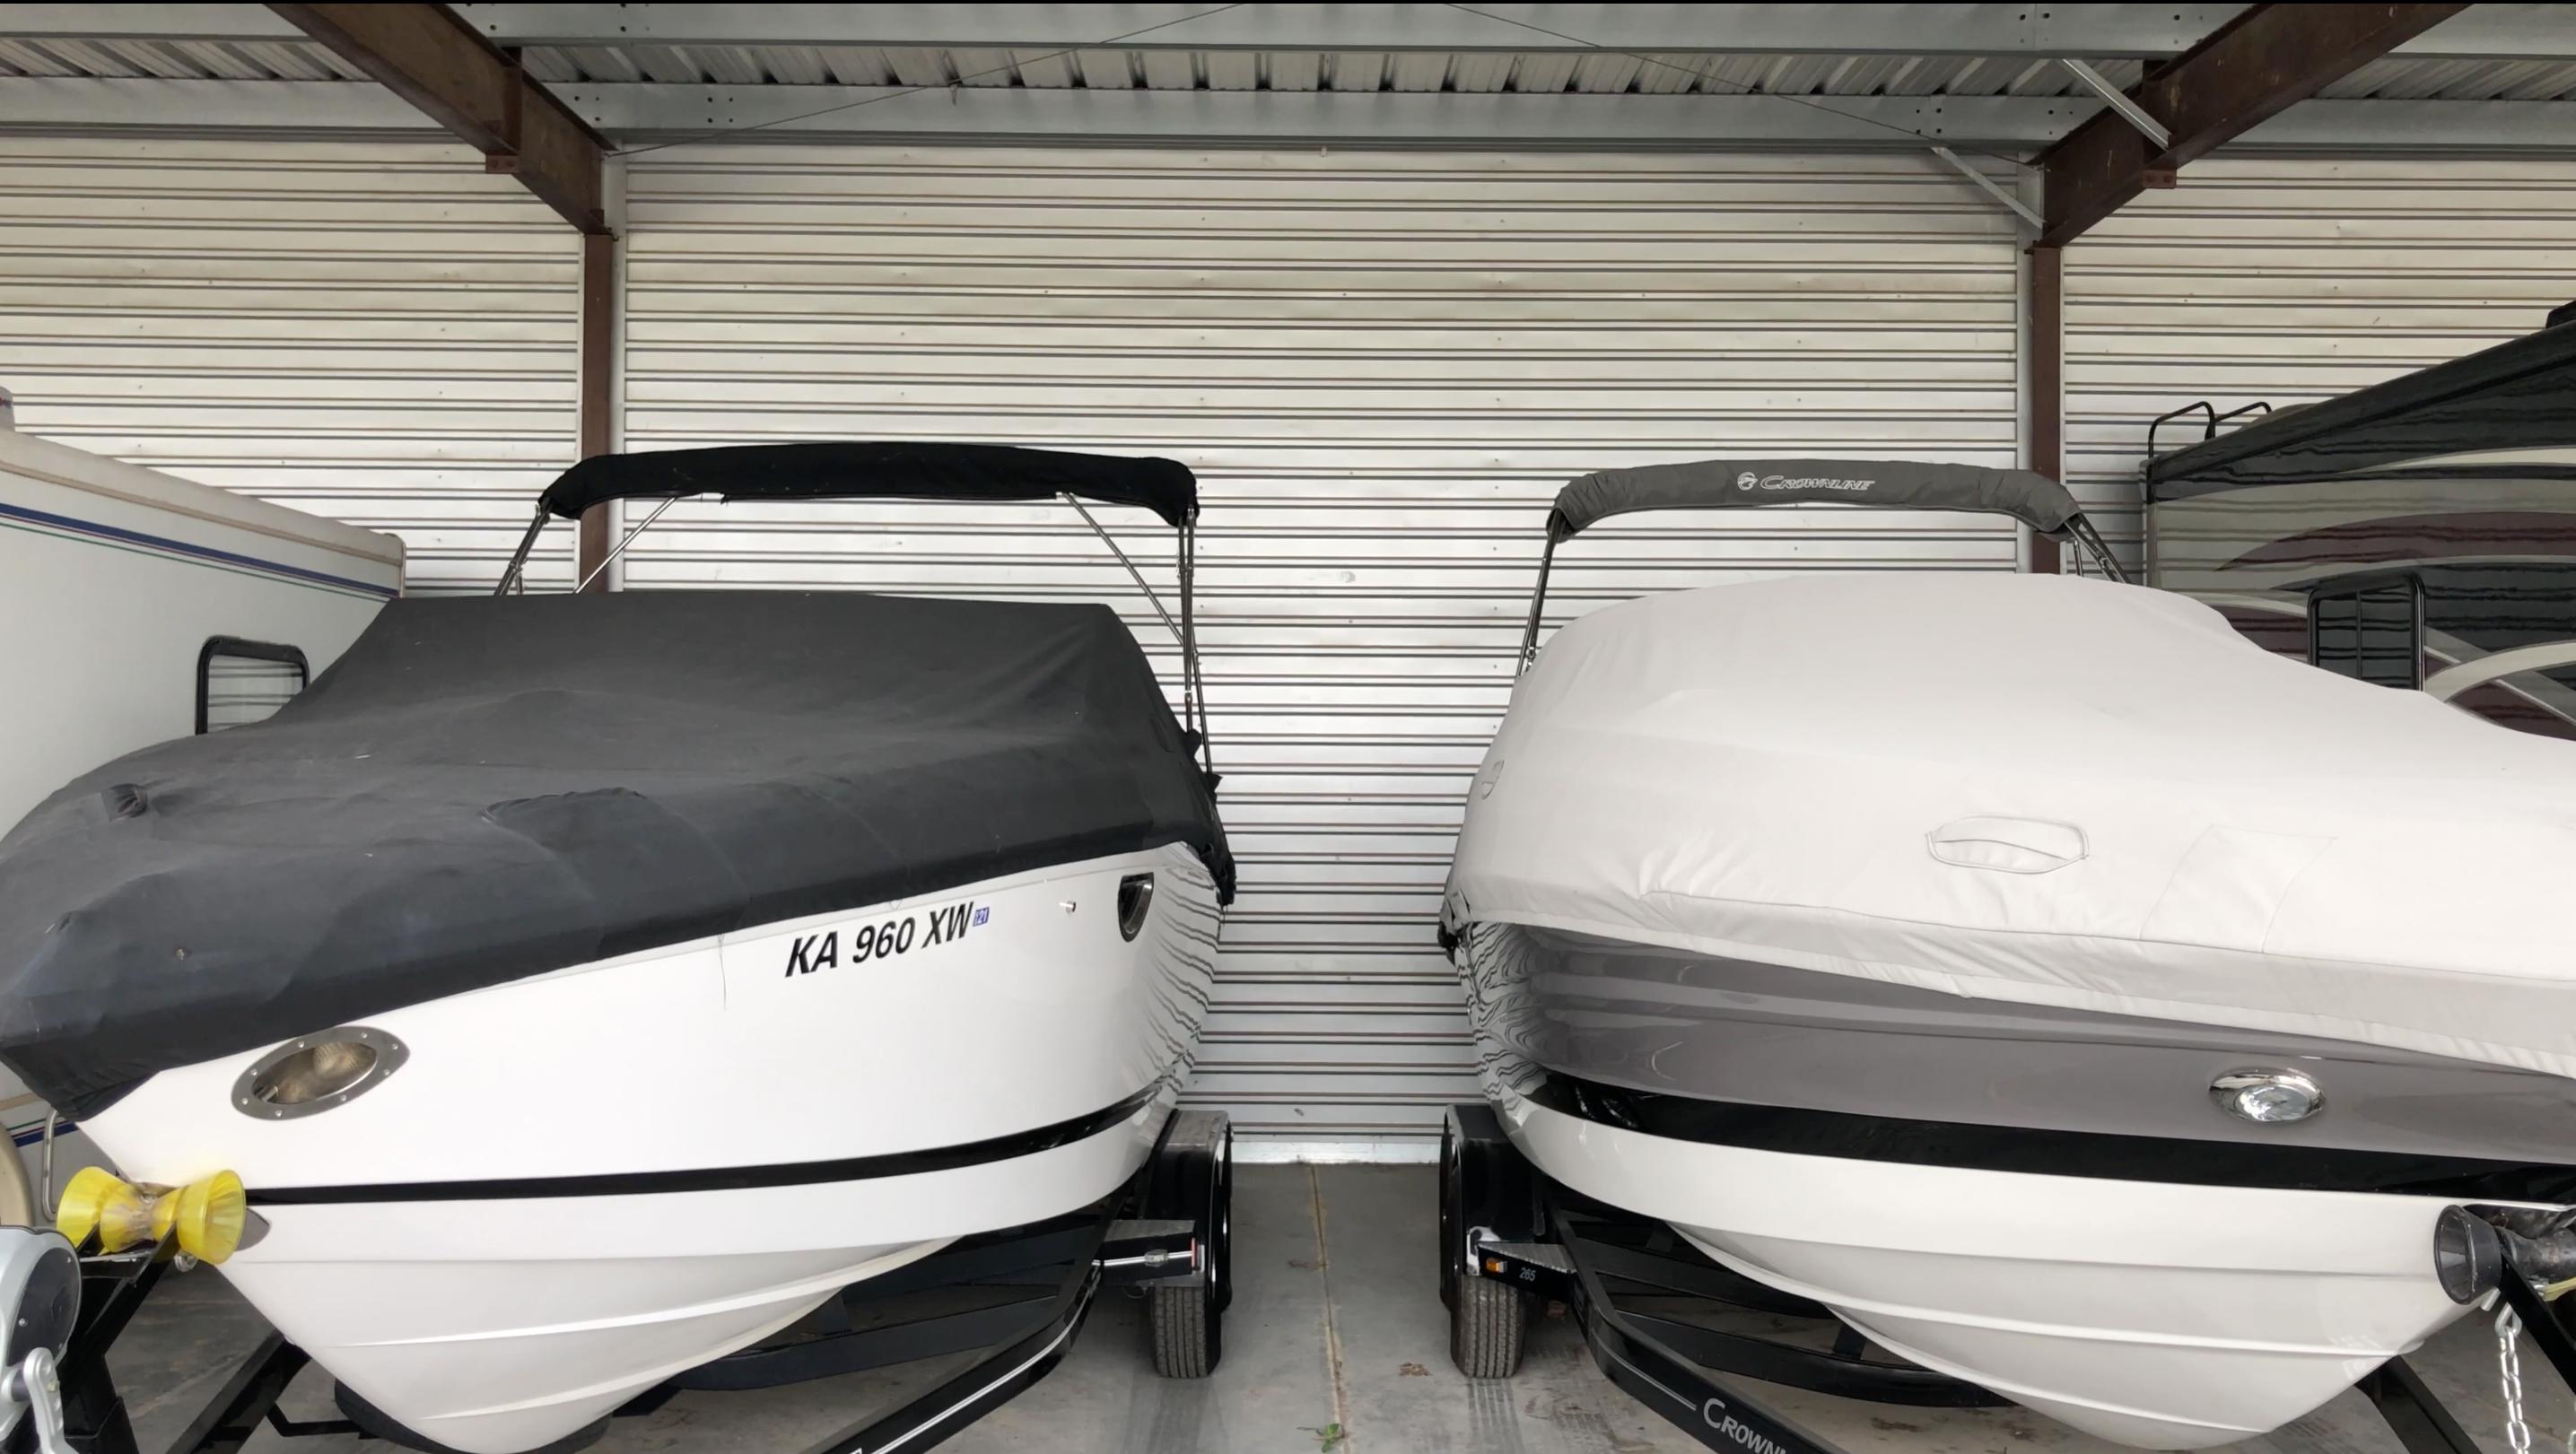 boat storage in Eudora, KS